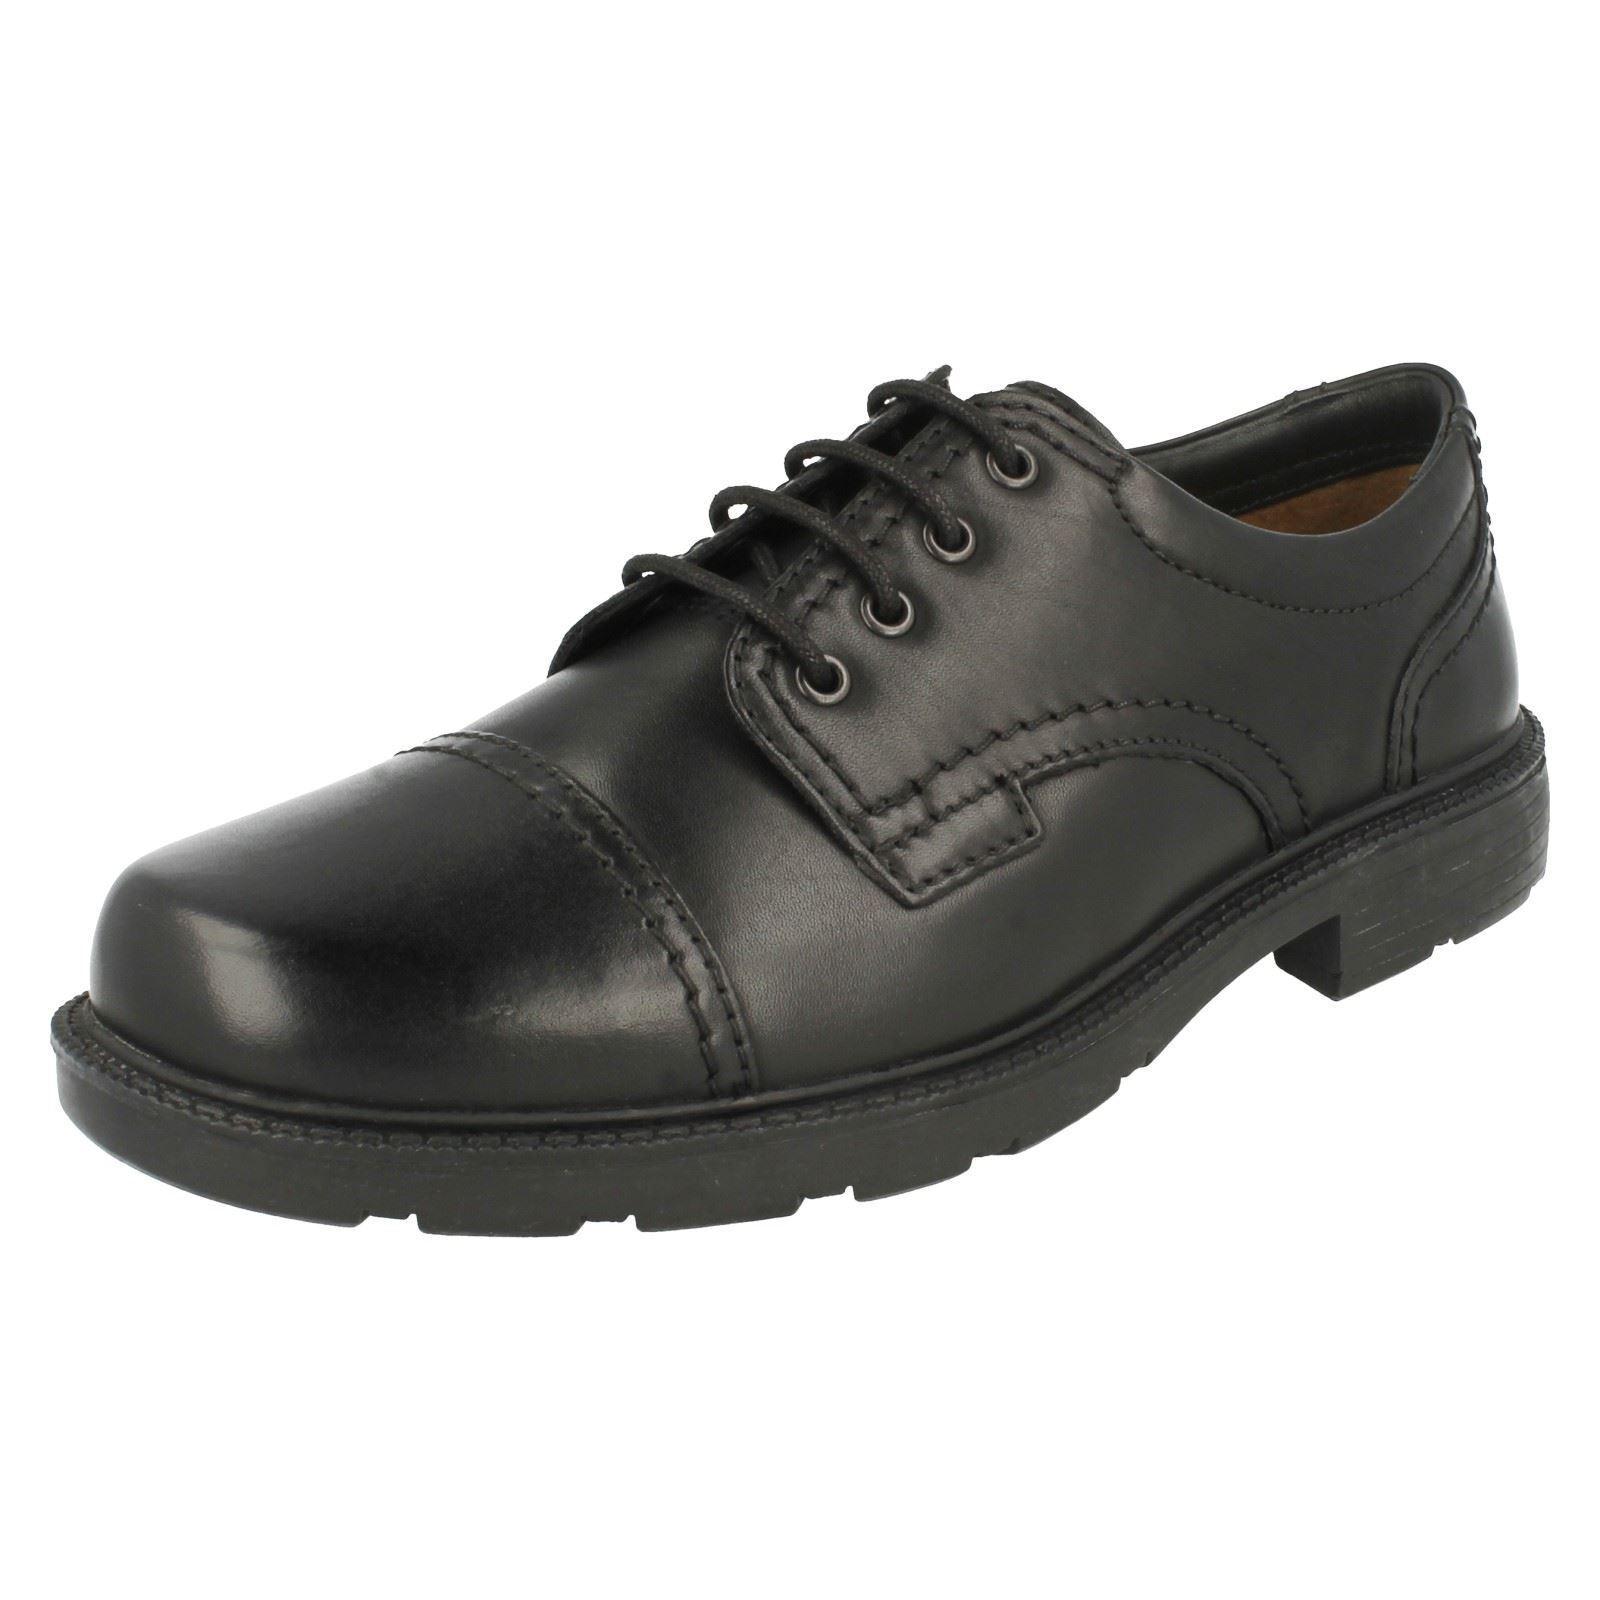 Mens Clarks Lair Cap Formal Shoes Lace Up Shoes Formal 7e7030